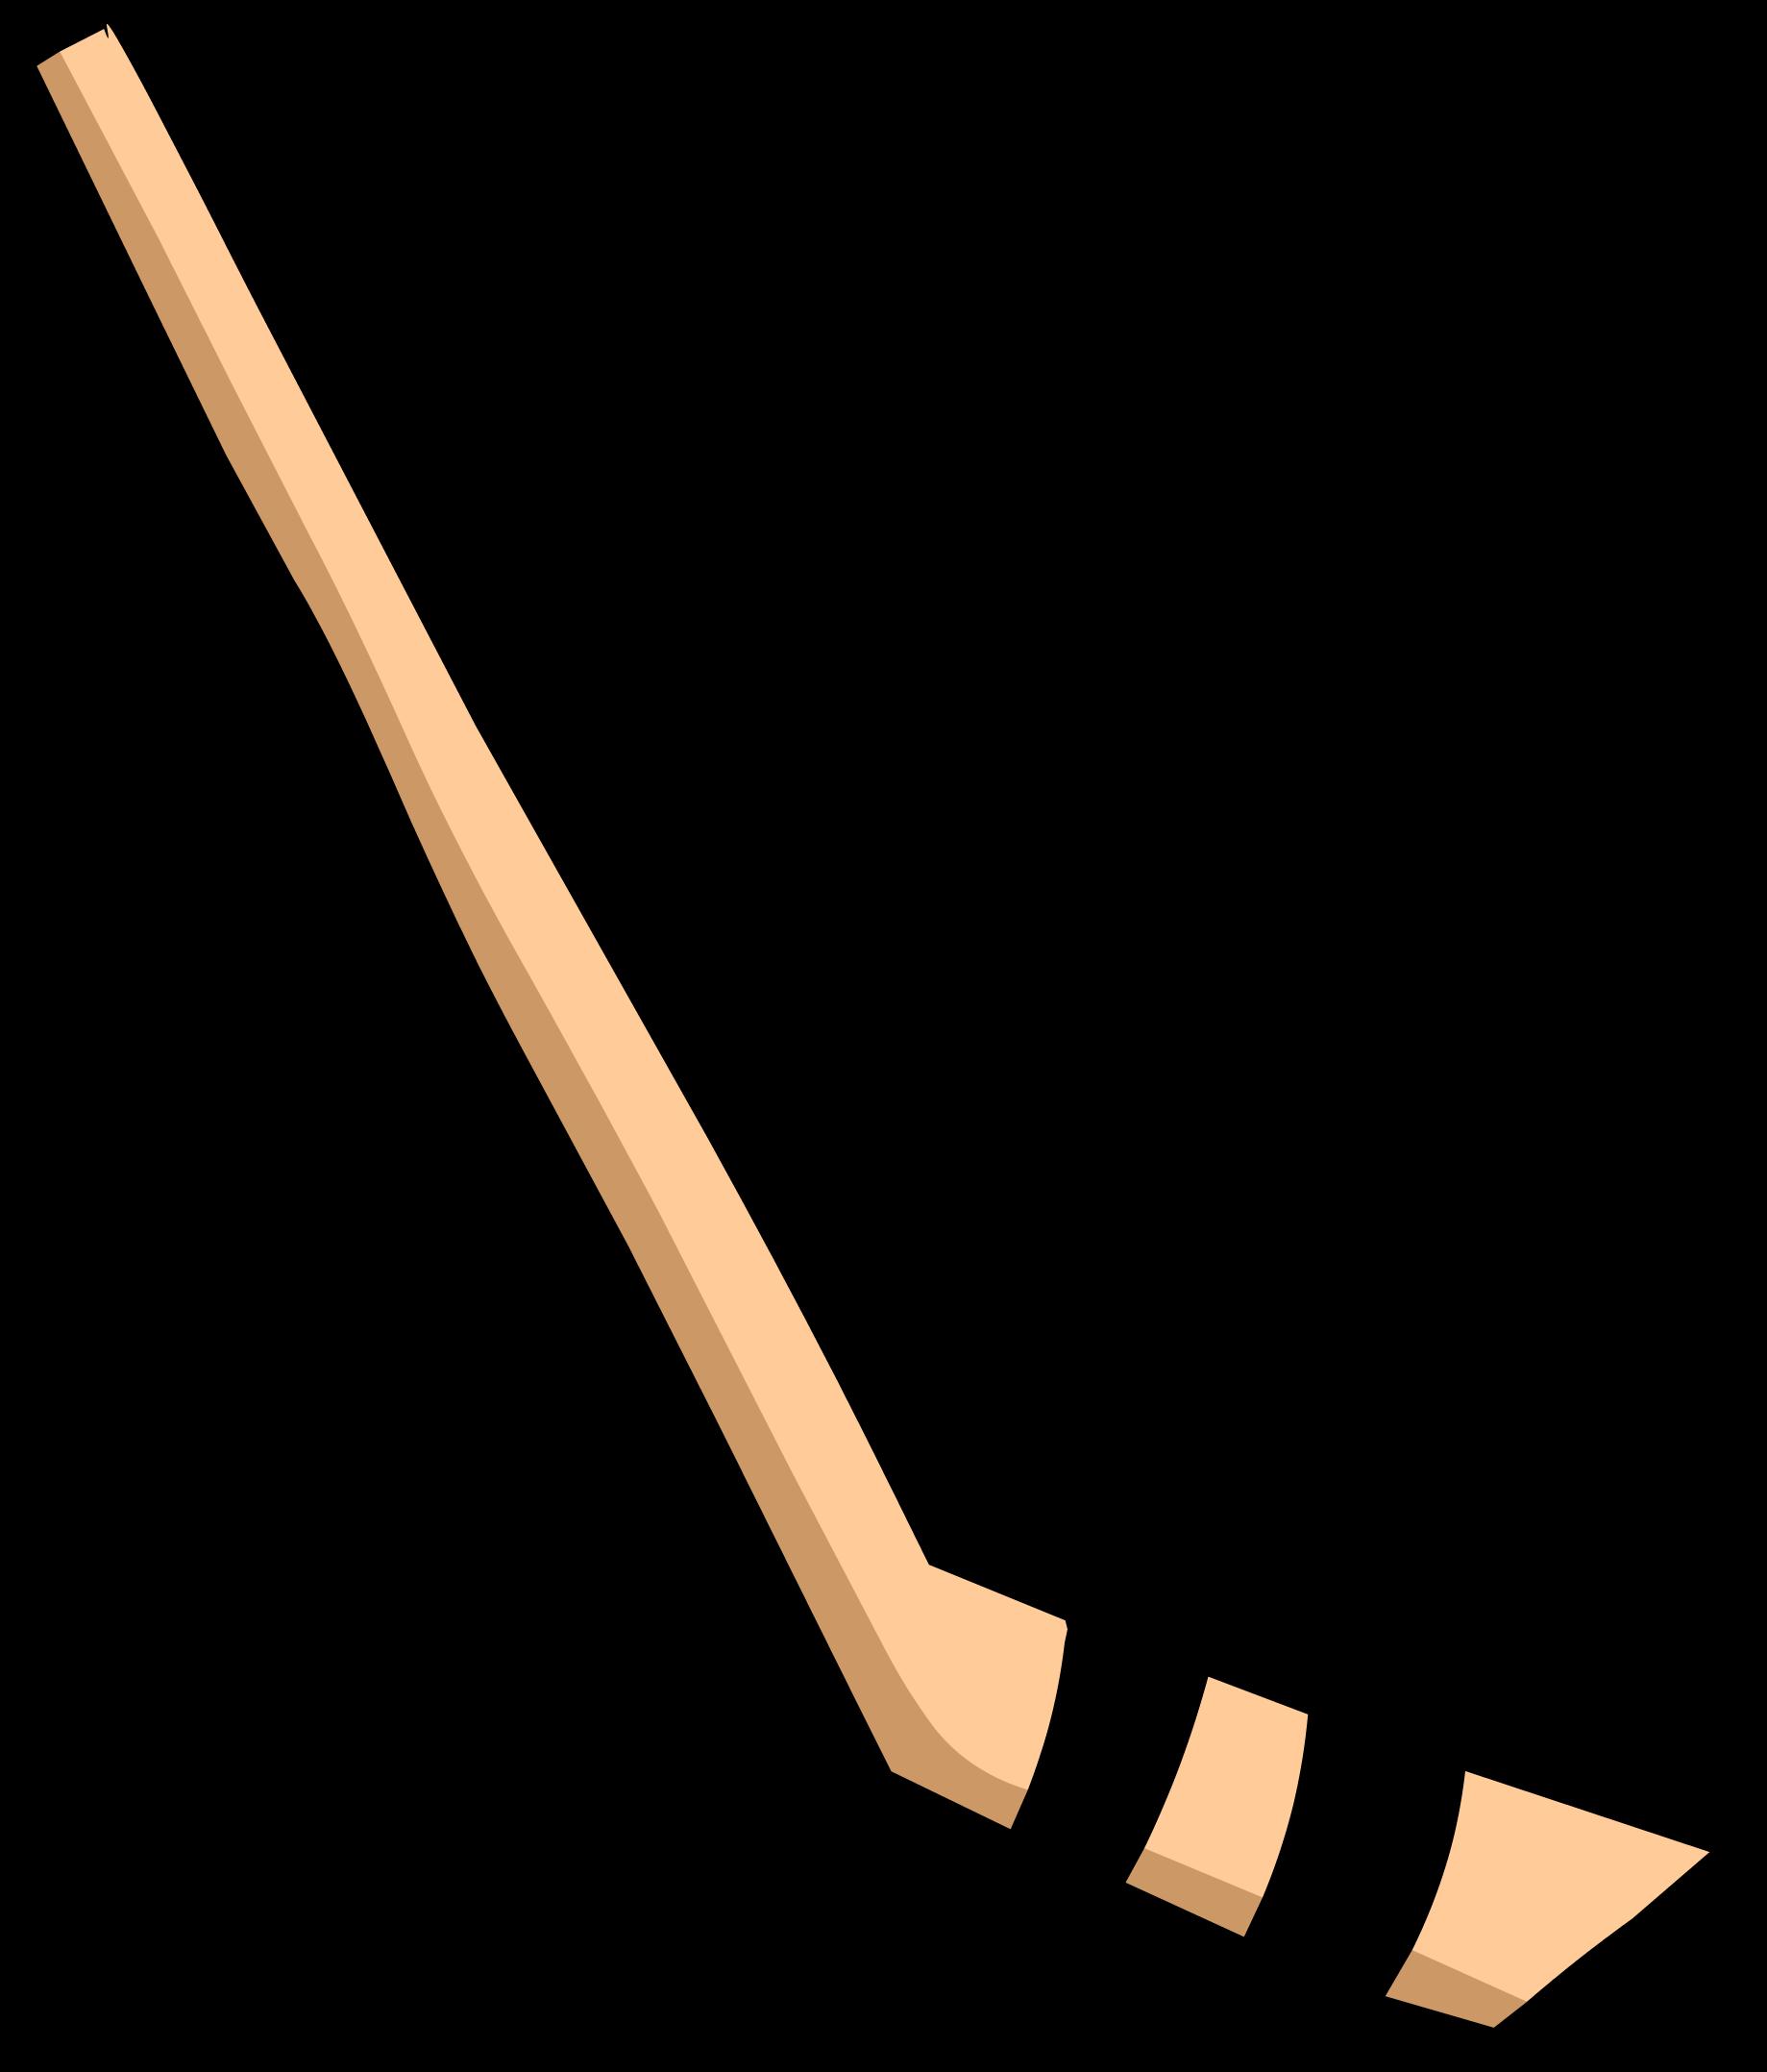 hockey stick club penguin wiki fandom powered by wikia rh clubpenguin wikia com cartoon pics of hockey sticks cartoon hockey stick and puck